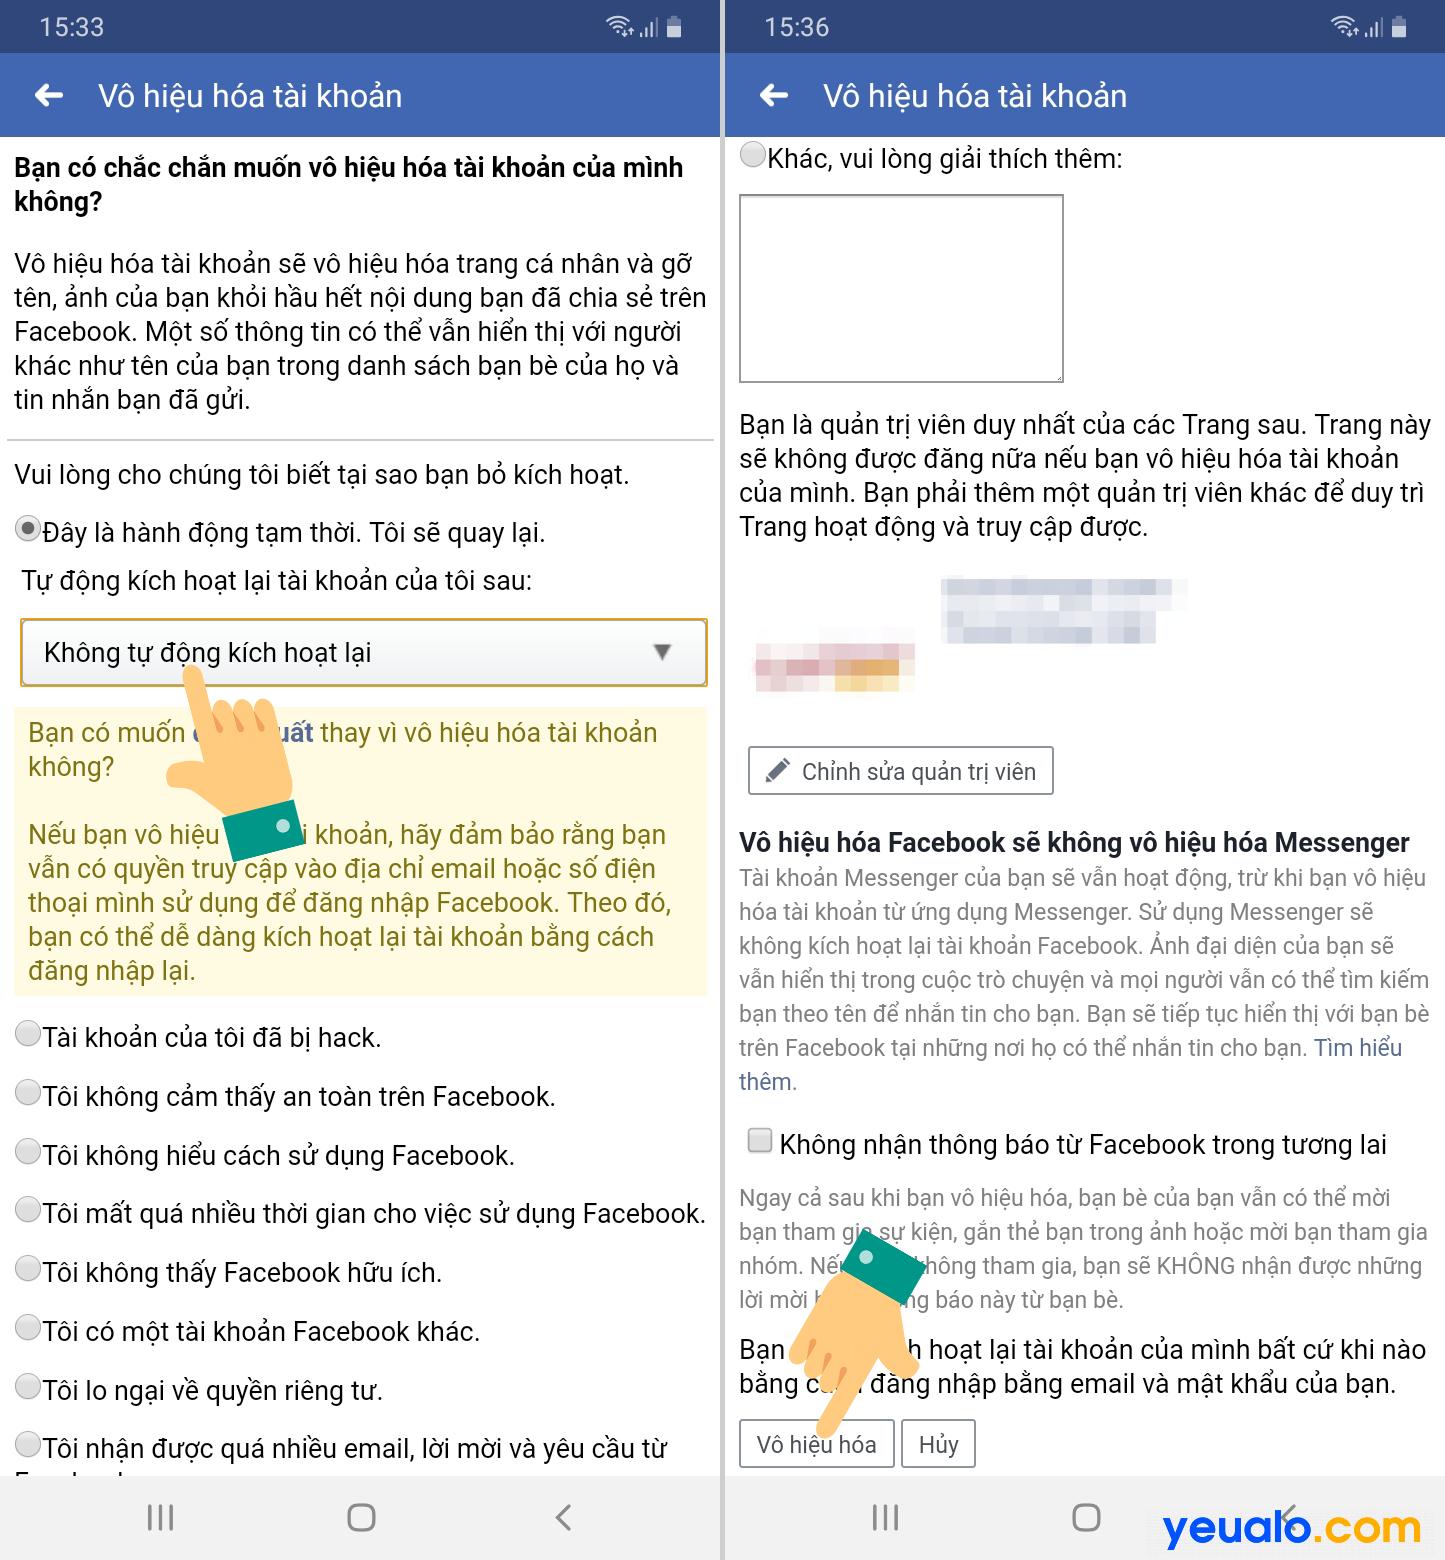 Cách khóa tường Facebook không cho người khác xem trên điện thoại 3